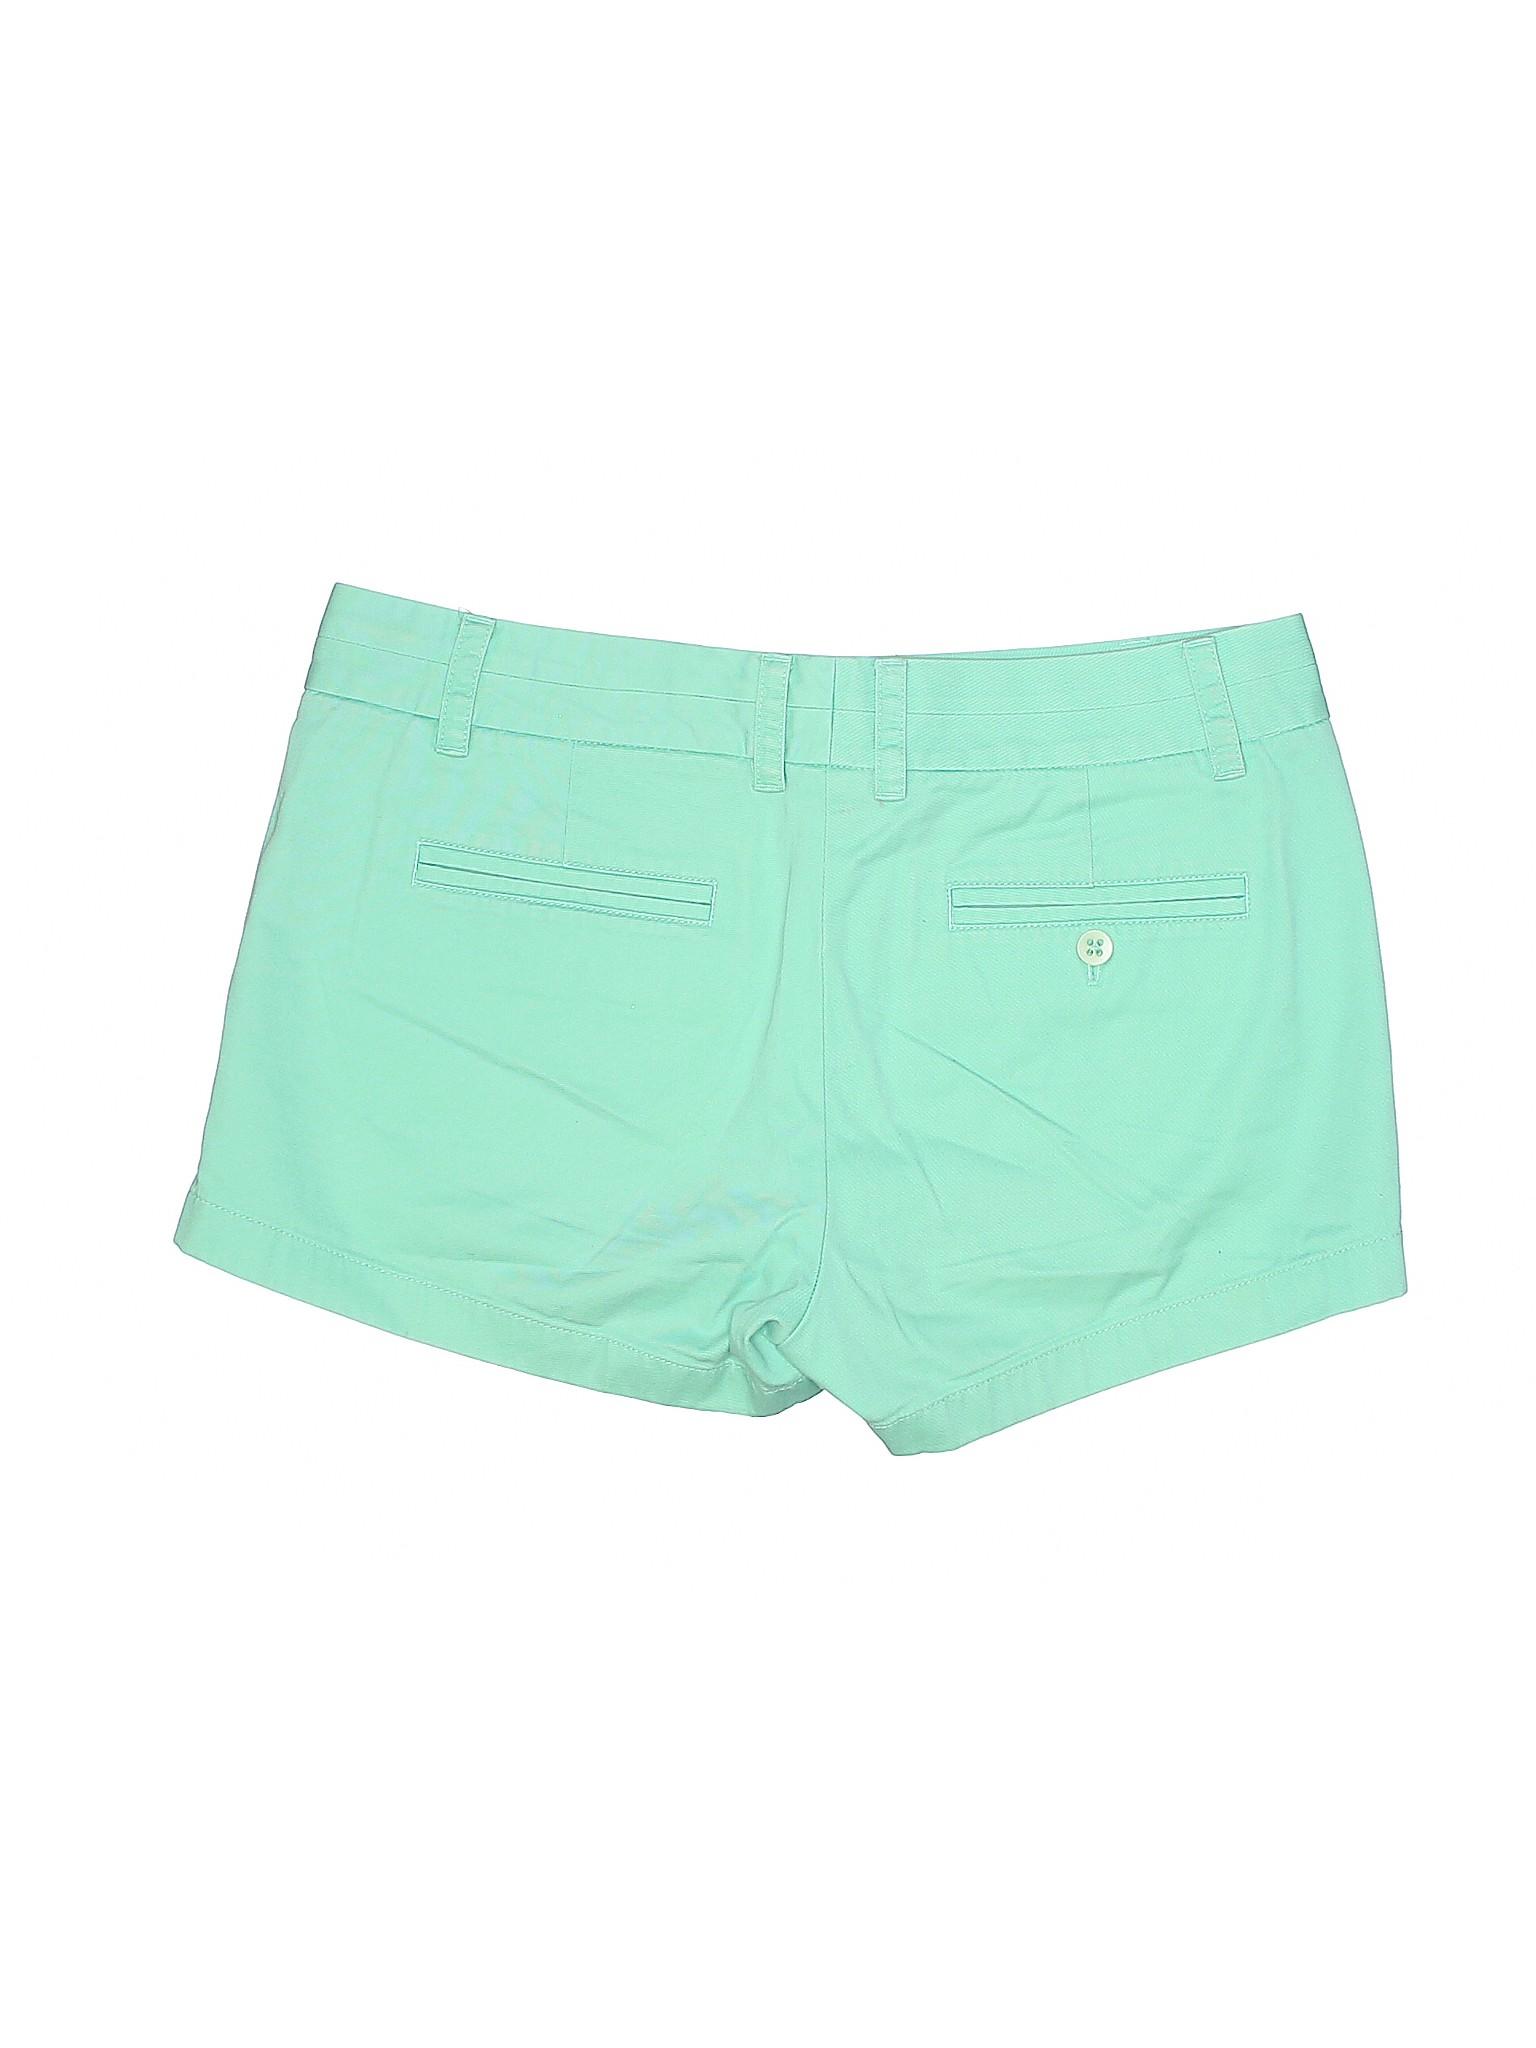 Crew Khaki Boutique J Crew Boutique Shorts Boutique Shorts J Crew J Khaki SO5qxw4q